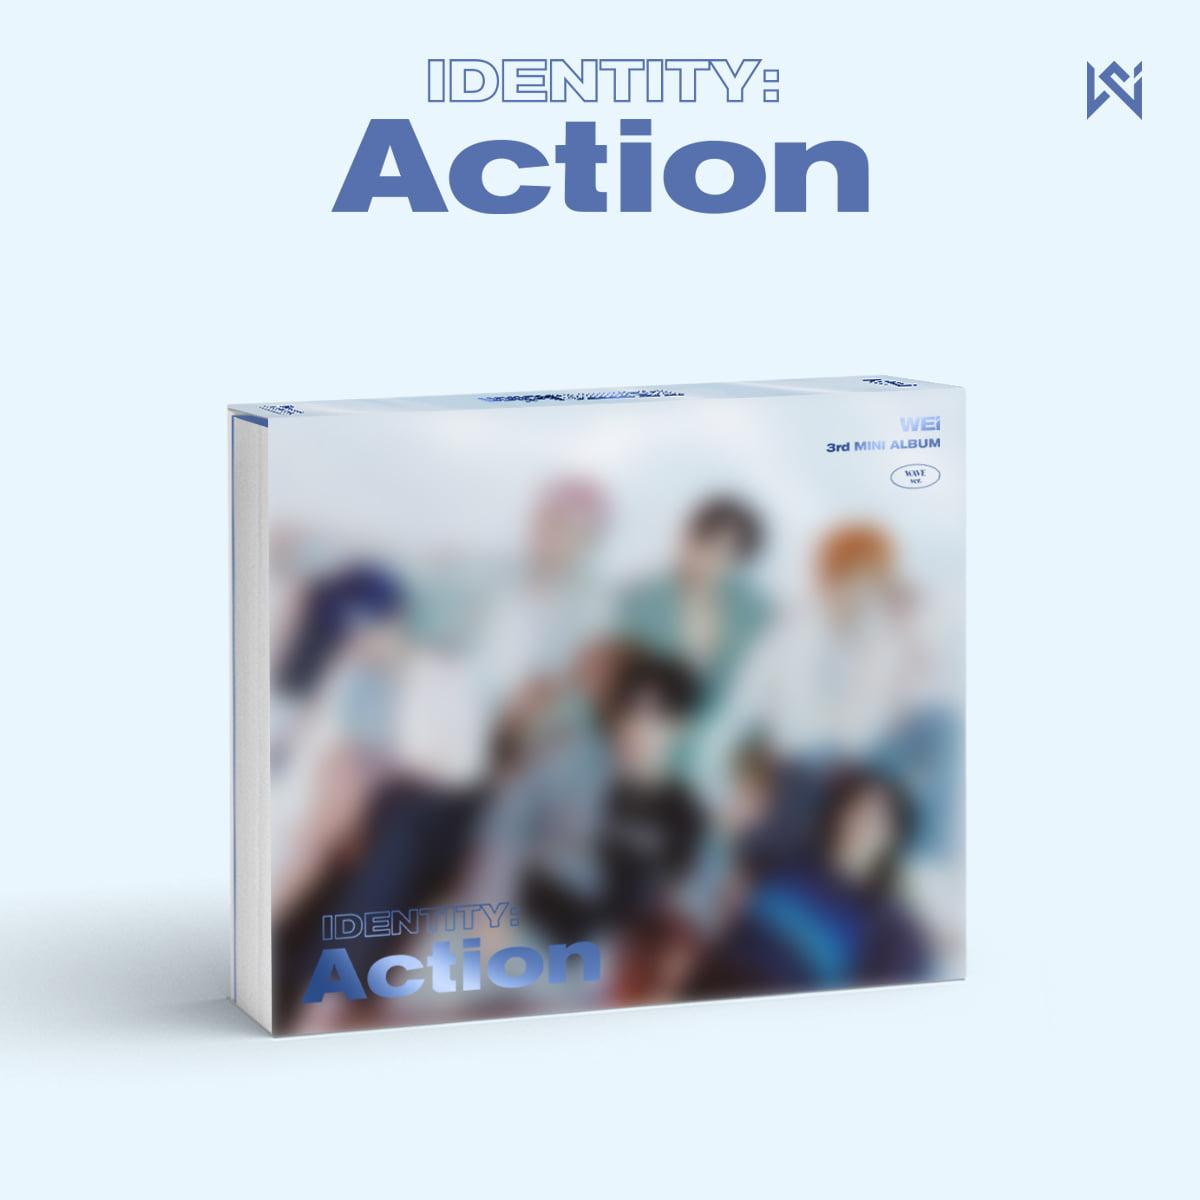 위아이(WEi) - 3rd Mini Album [IDENTITY : Action] (WAVE ver.)케이팝스토어(kpop store)